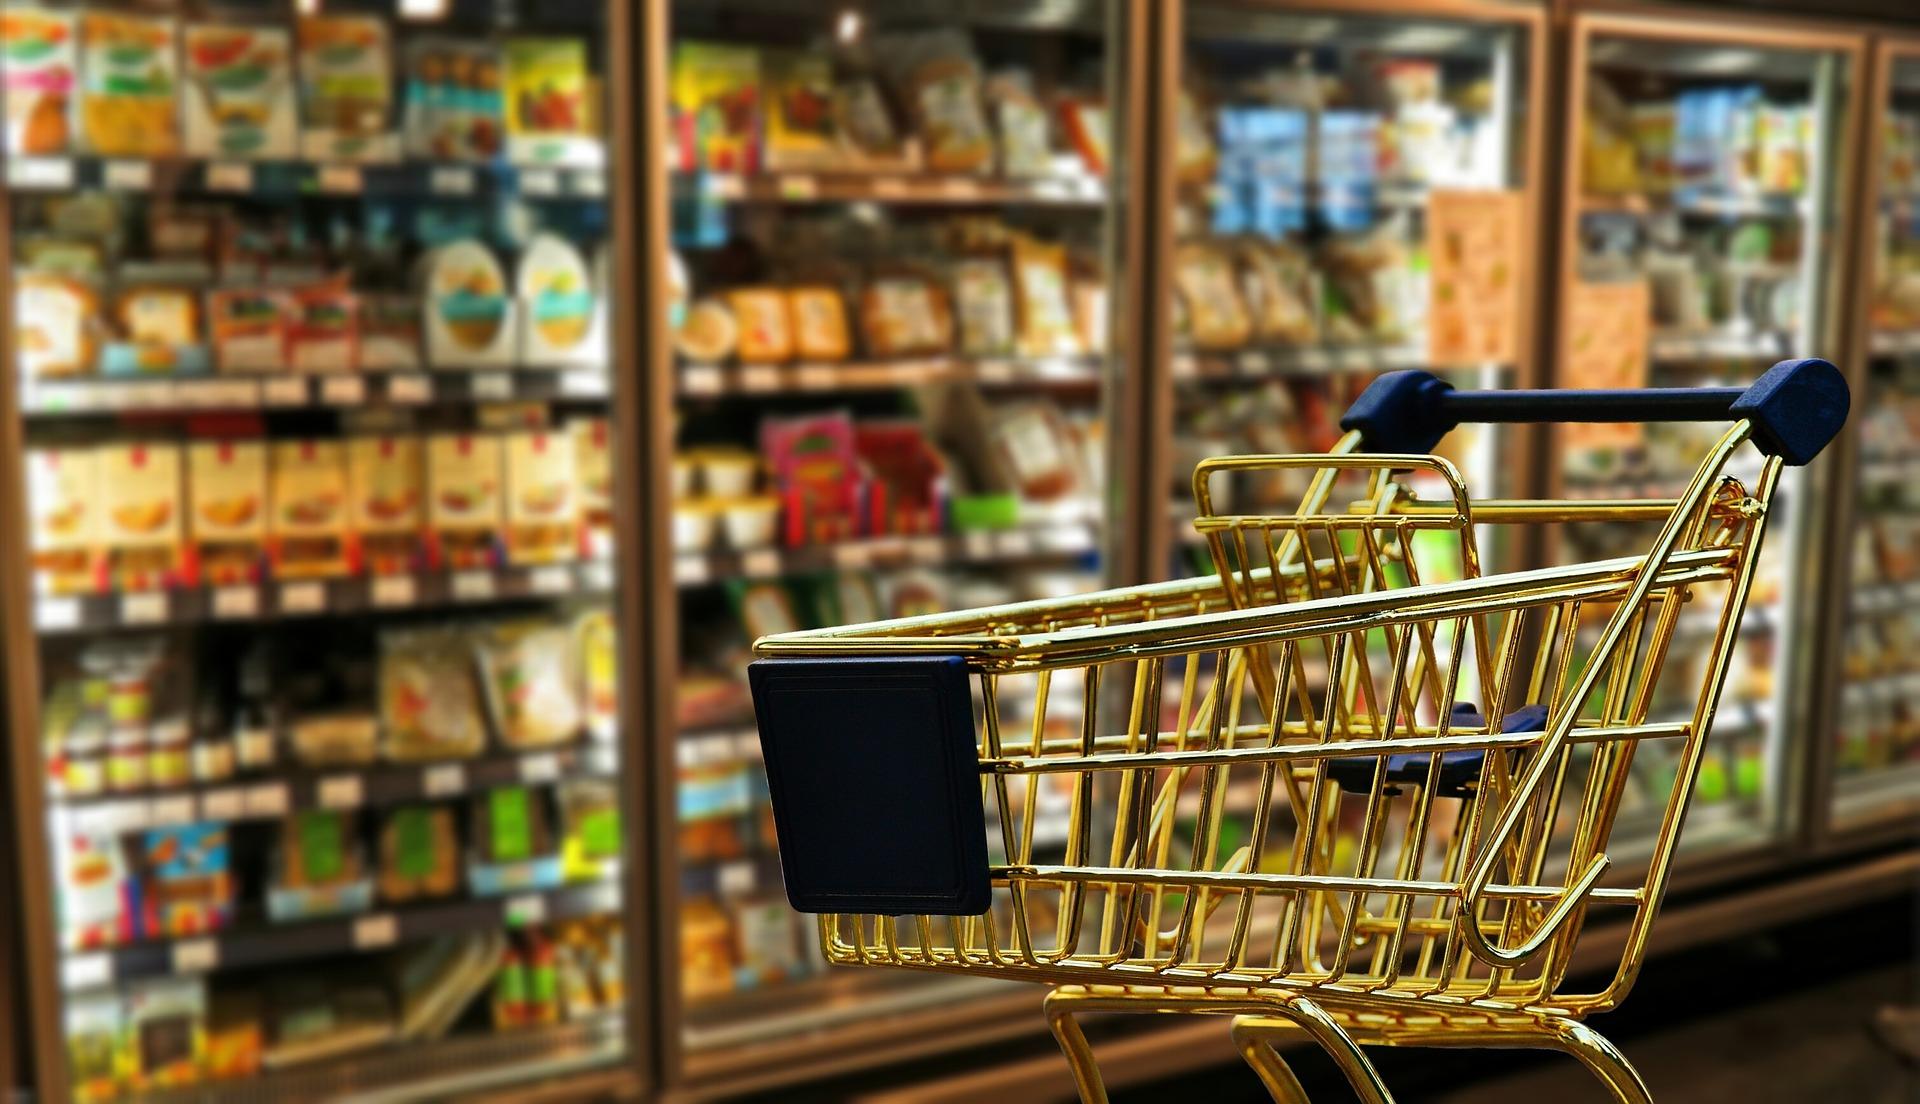 alimentacion y bebidas para supermercados y bazares en tenerife